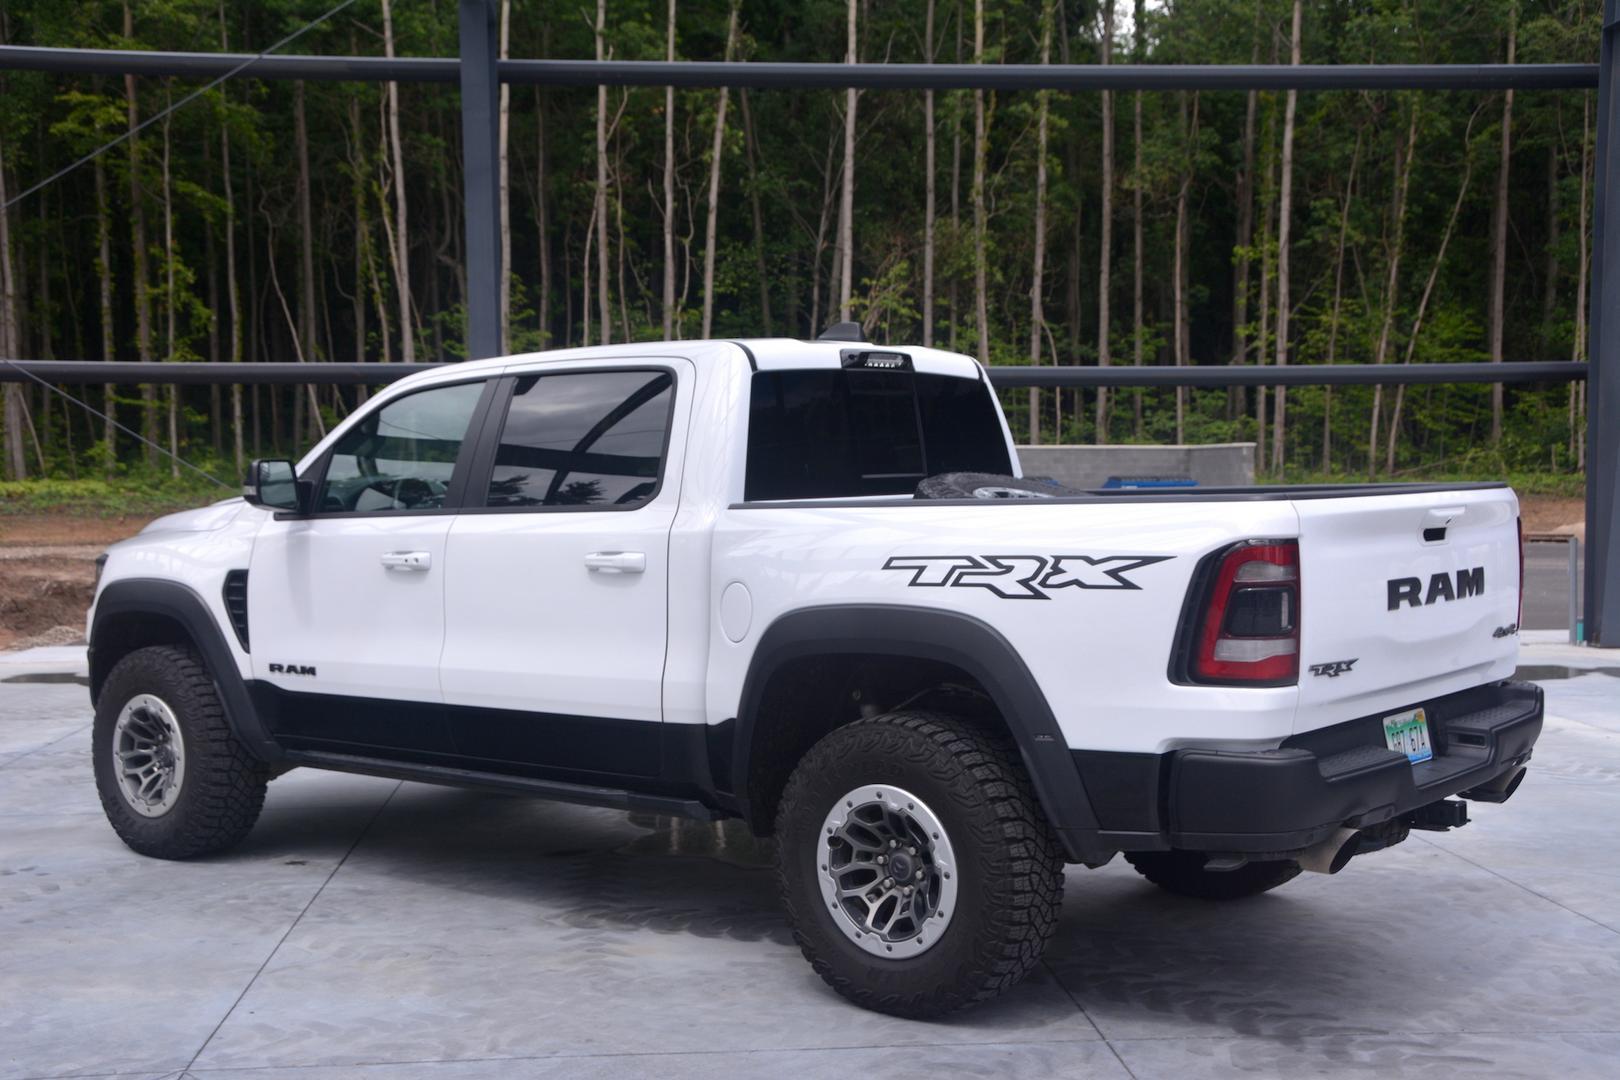 2021 Ram 1500 TRX rear side